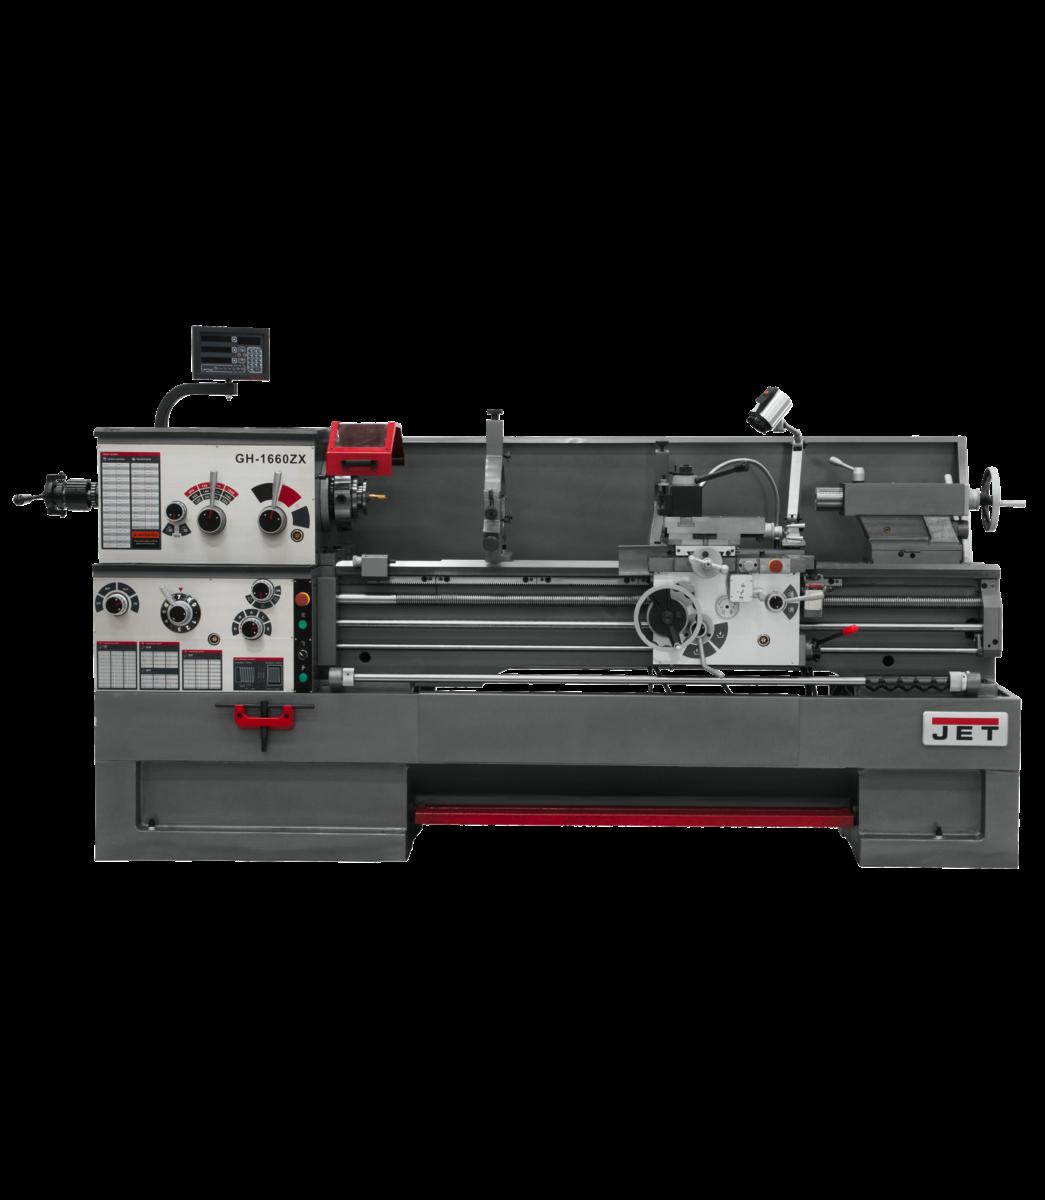 GH-1660ZX torno con ACU-RITE 200S de 2 ejes, accesorio de ahusamiento y cierre automático instalado